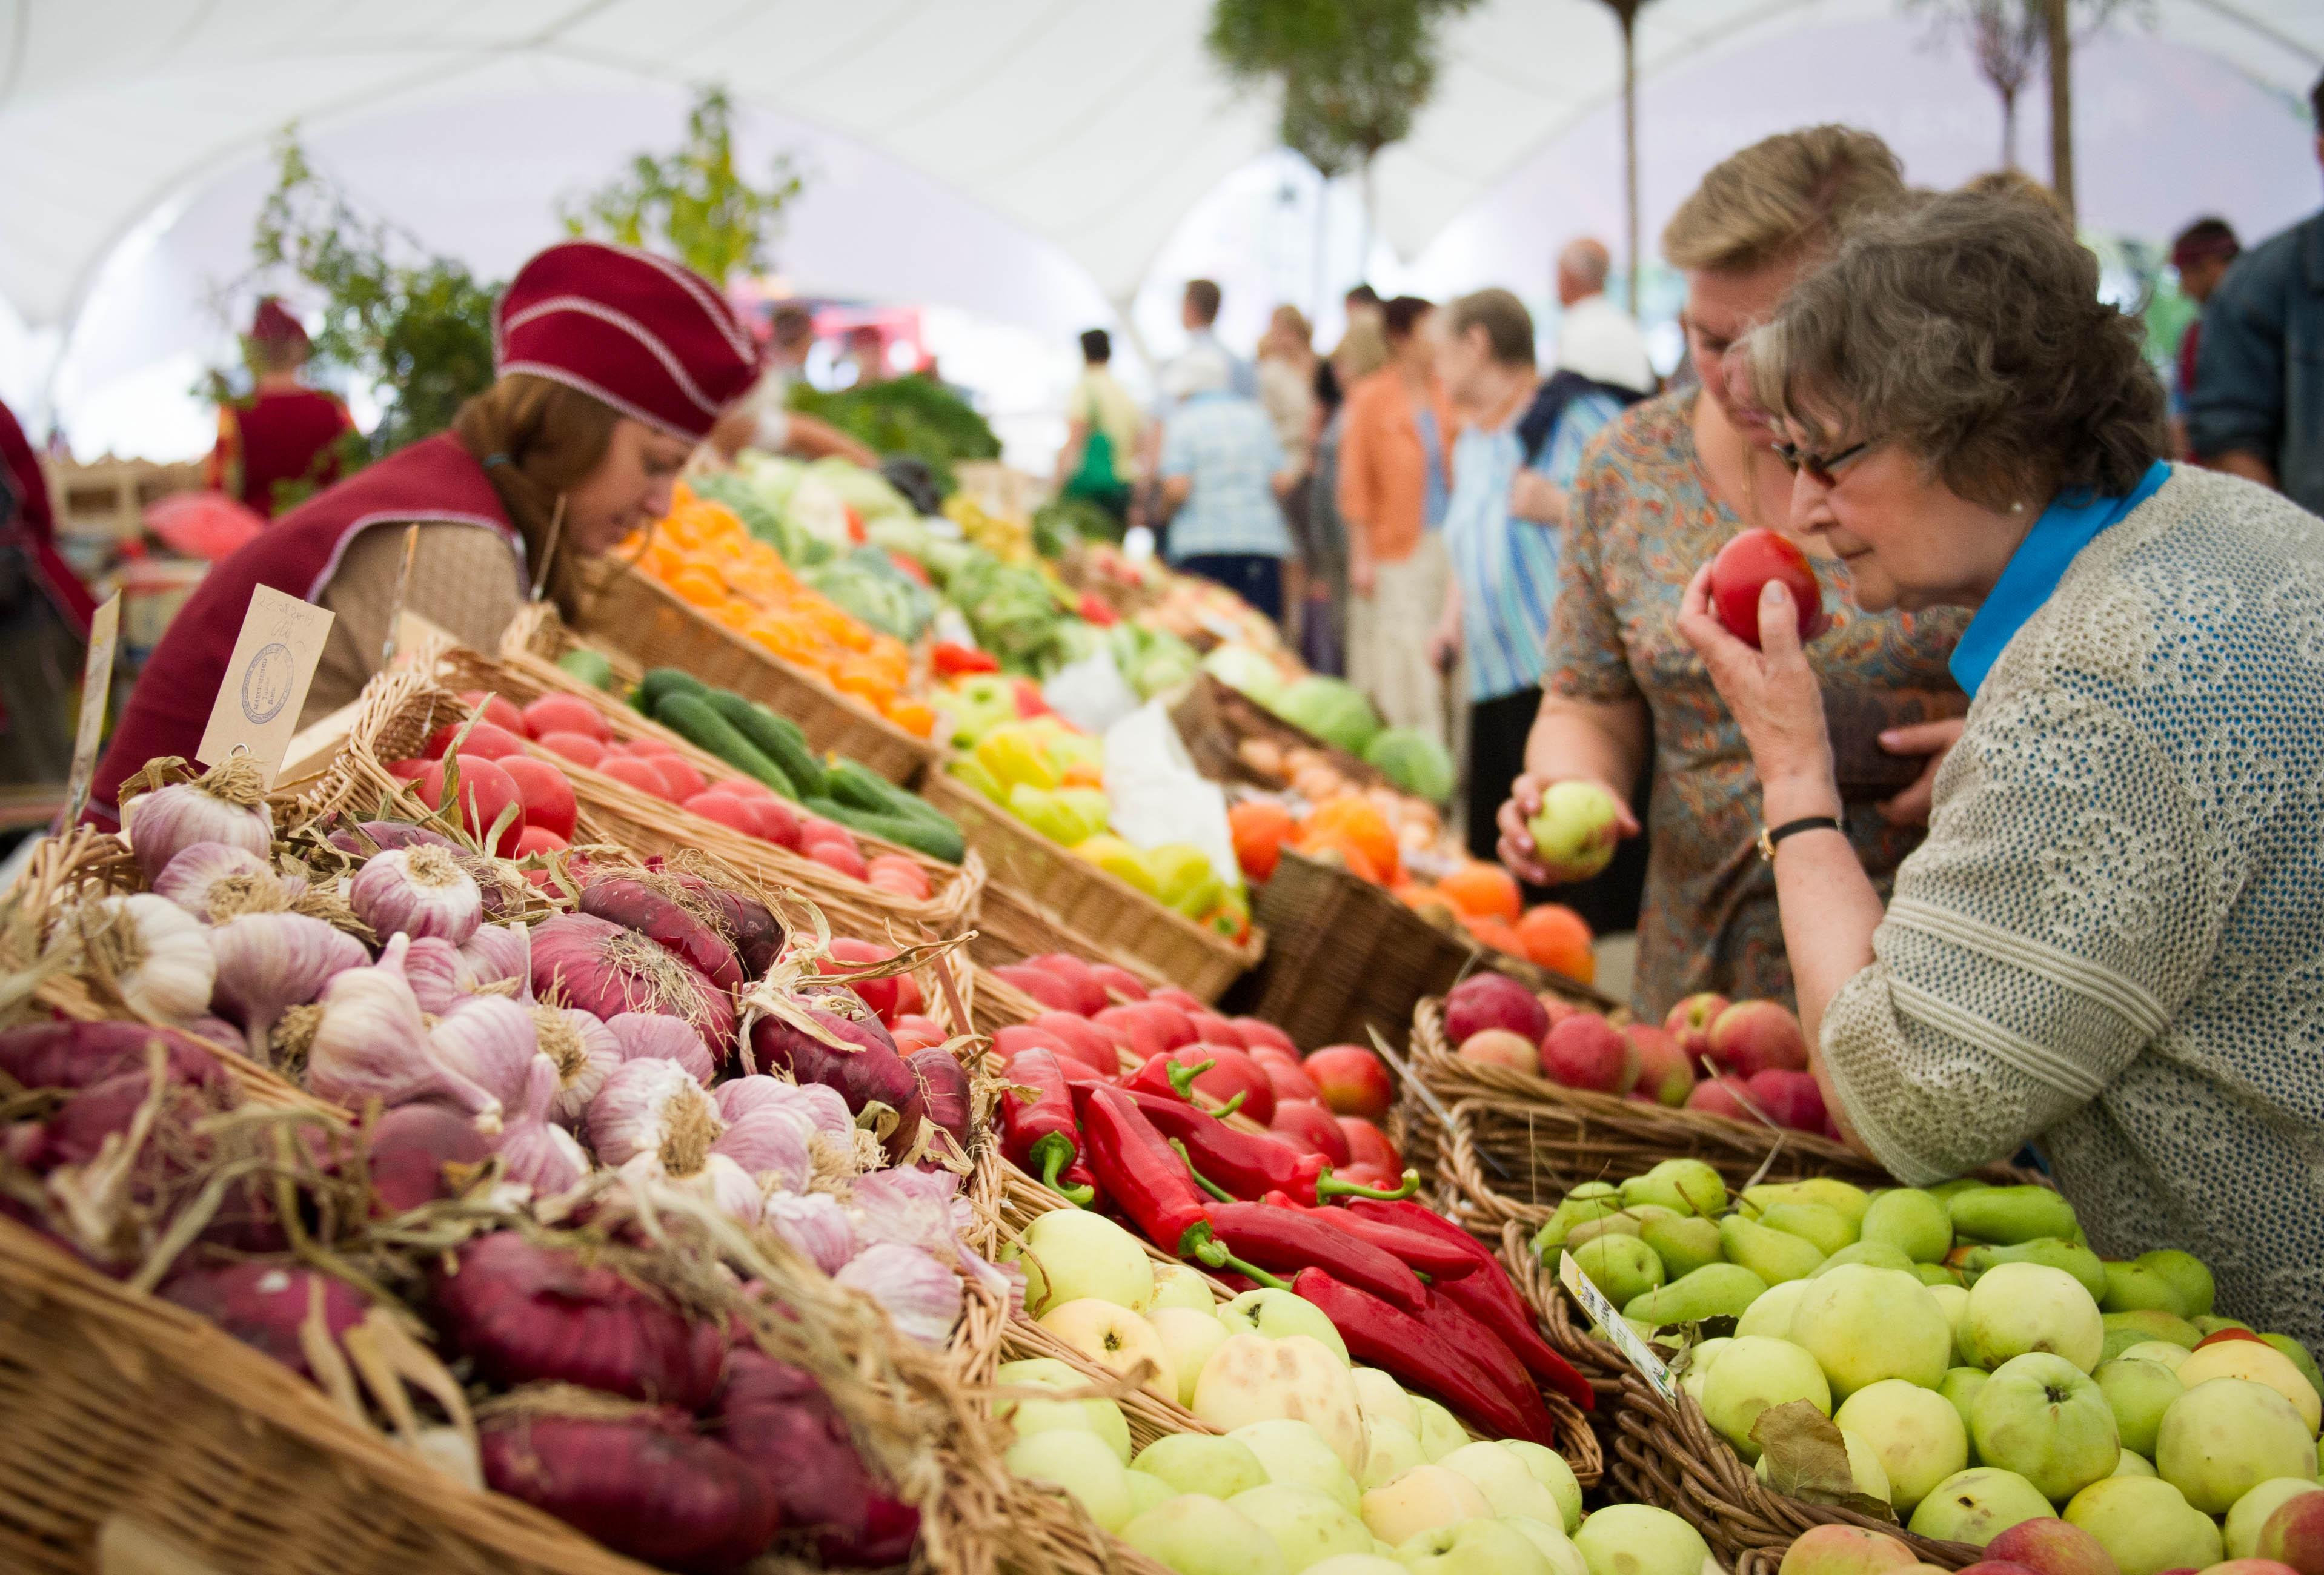 Картинки по запросу овощи на прилавке